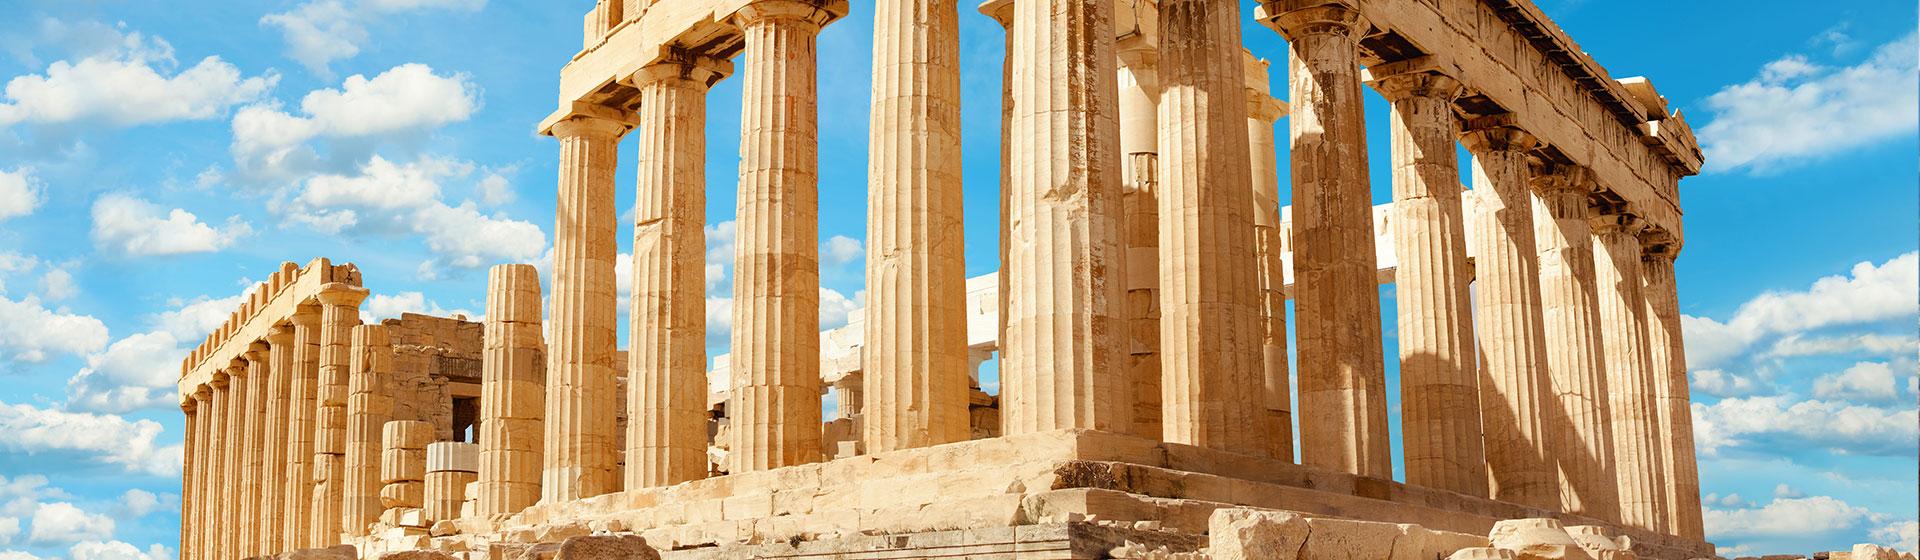 Imagen de Grecia